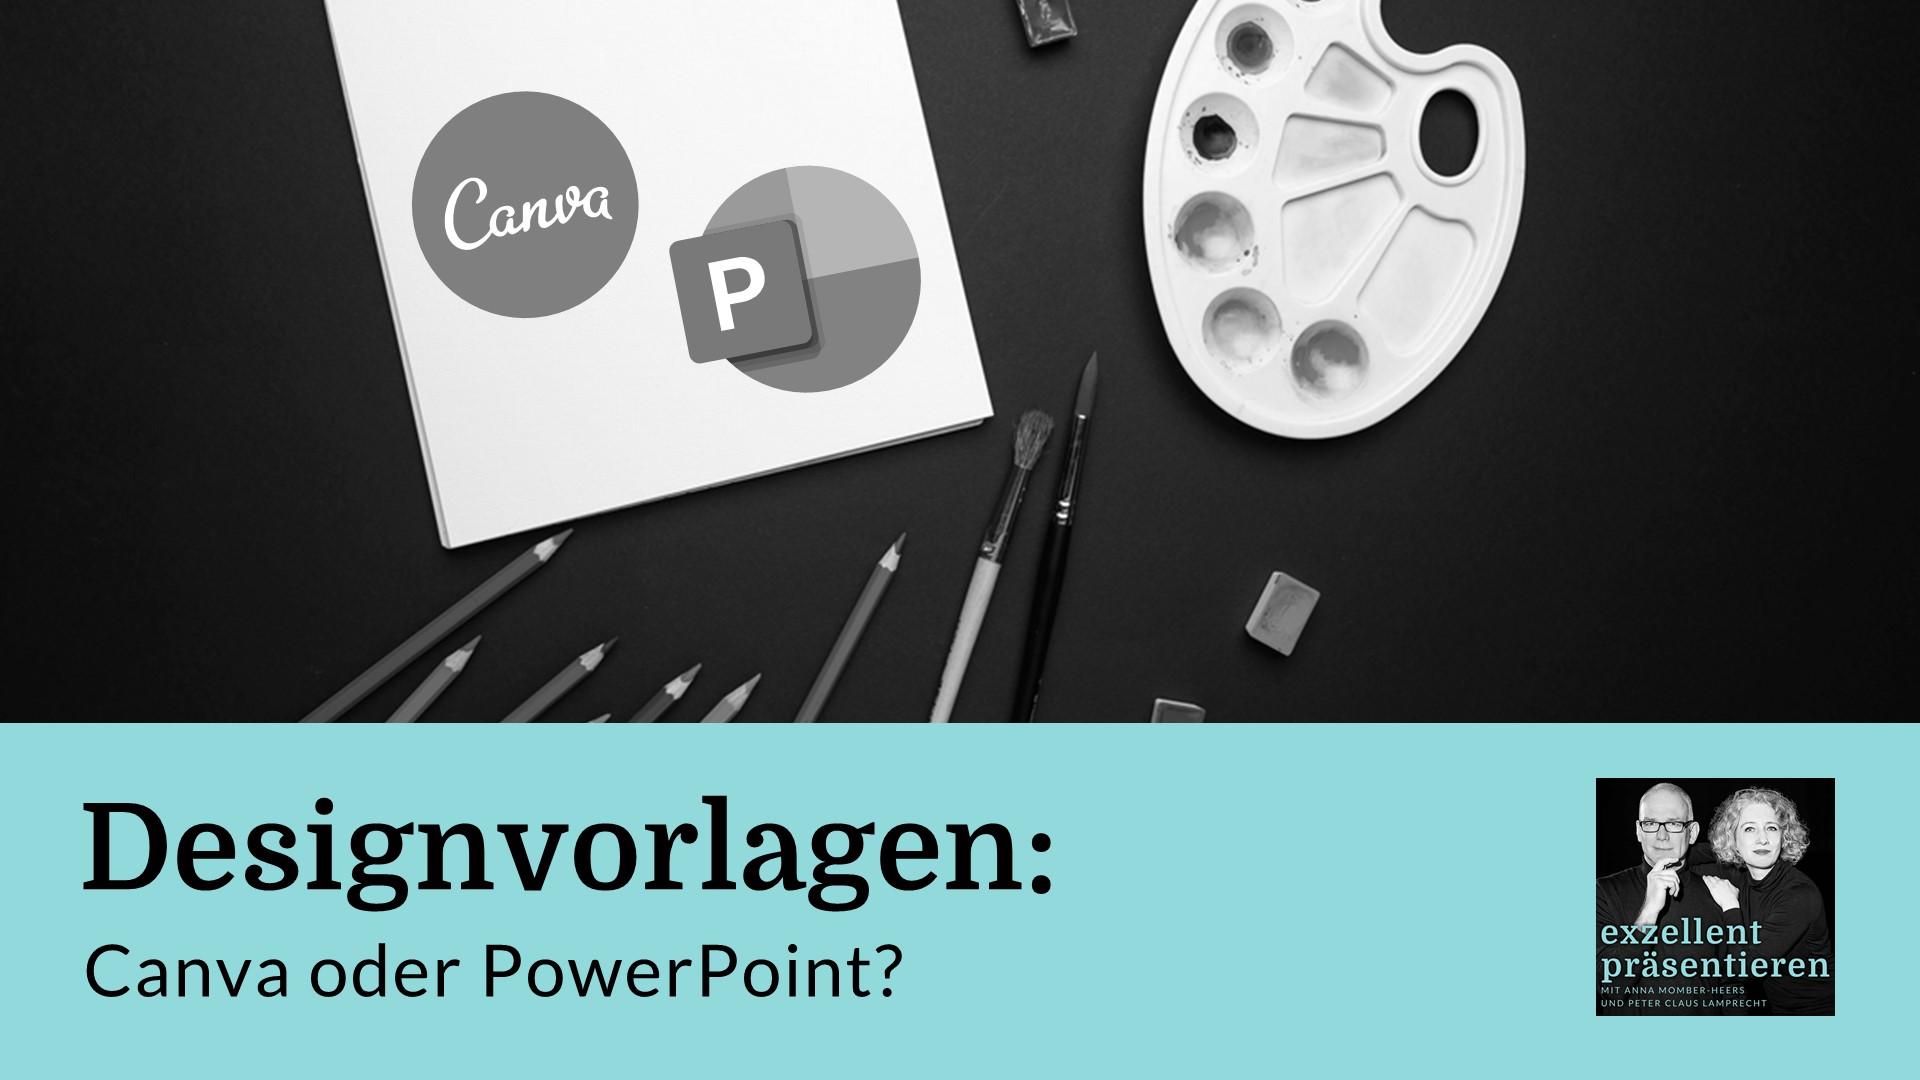 Designvorlagen: Canva oder PowerPoint?